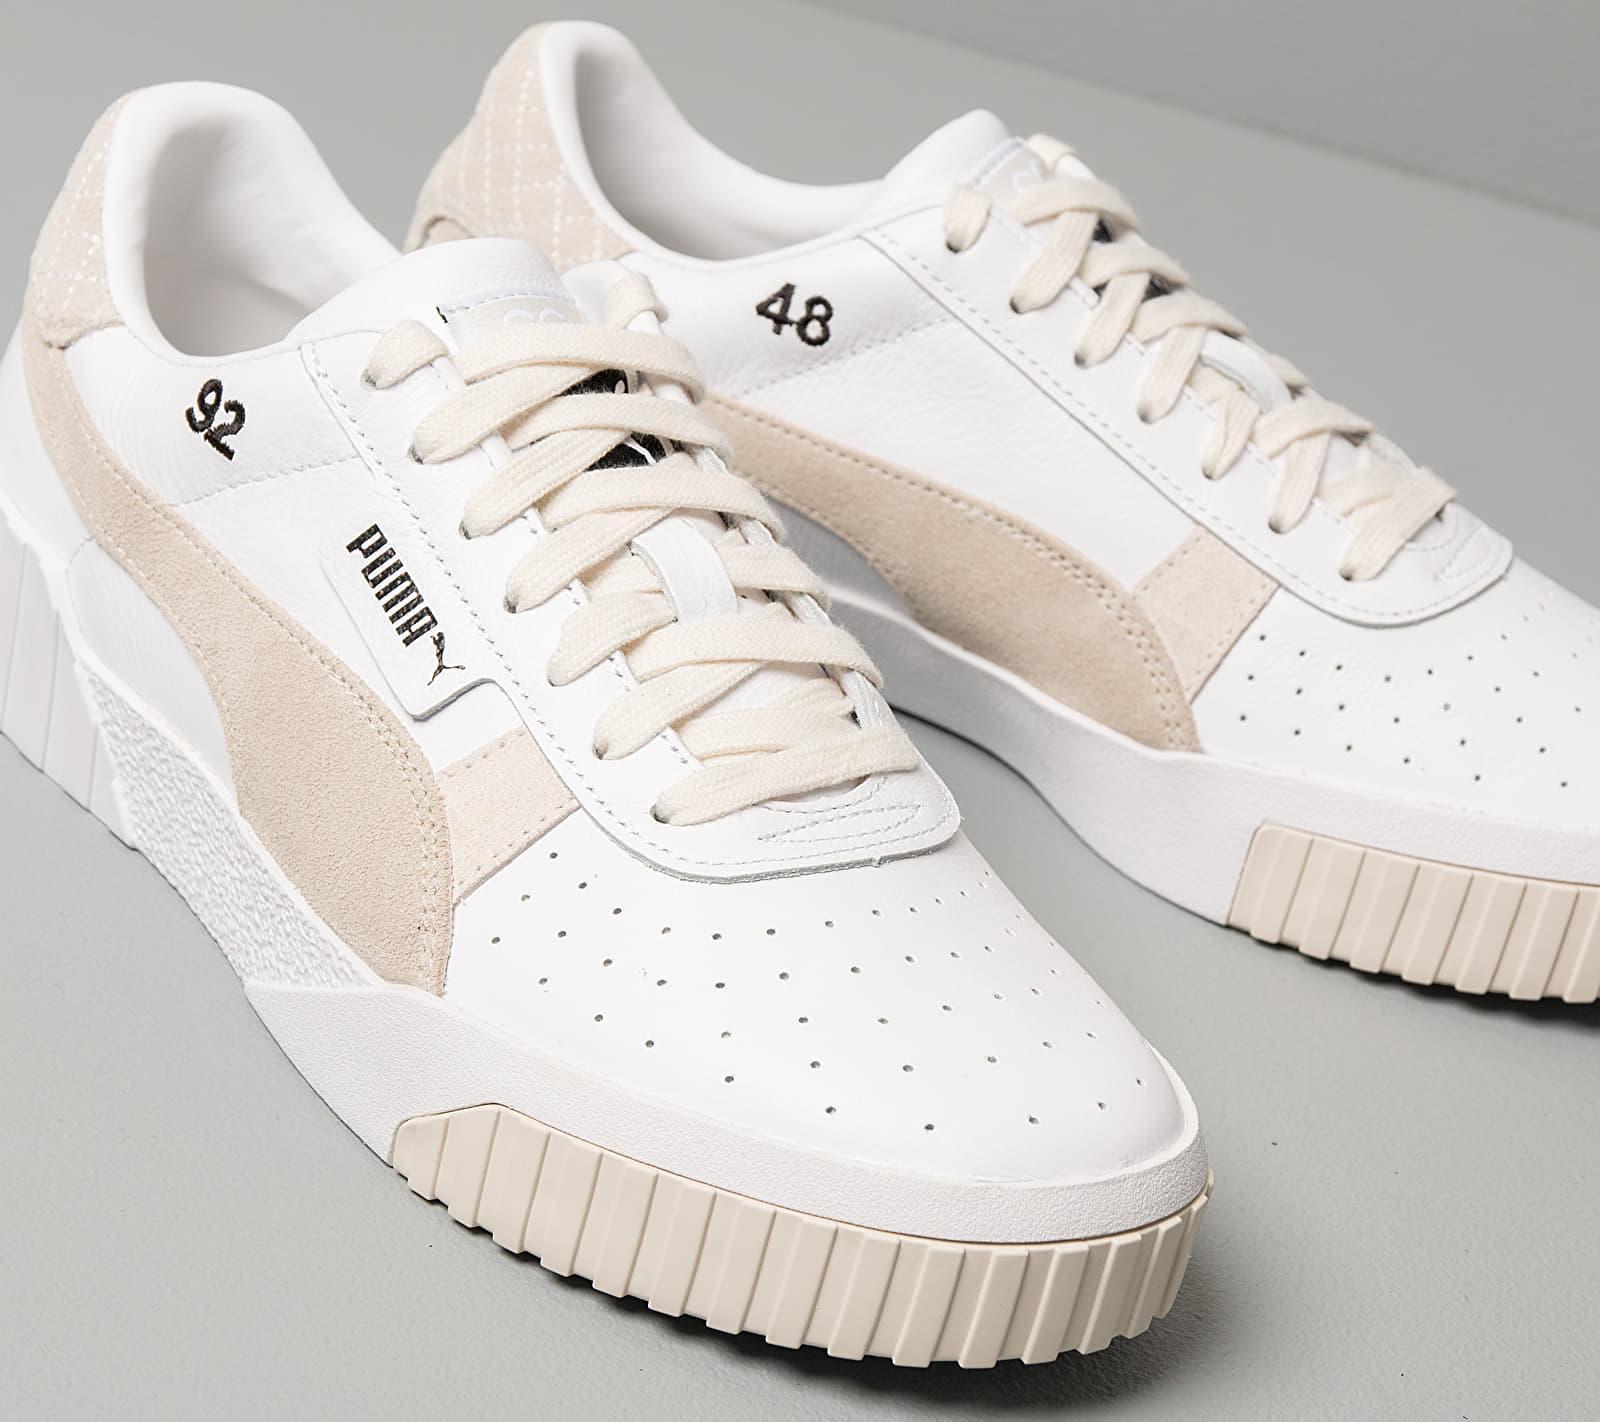 X Selena Gomez Cali Leather Suede White/ Silver Gray